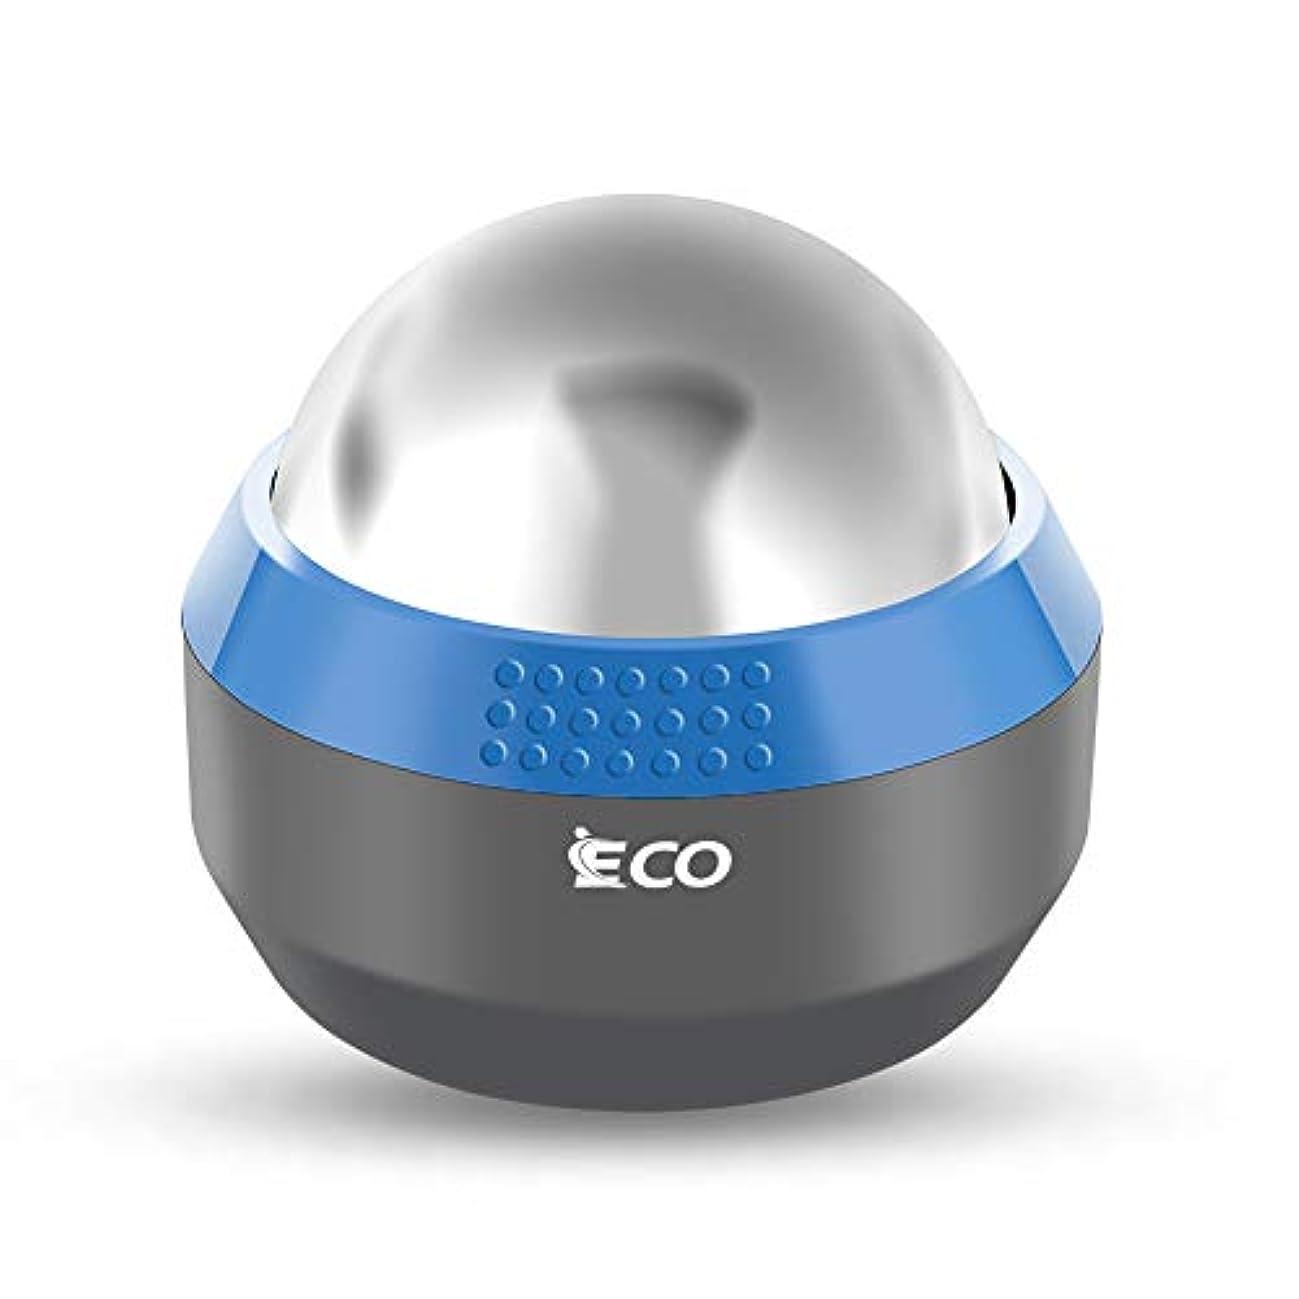 交換可能商業の欠点冷温マッサージボール 冷温対応 筋肉の柔軟性向上 運動後の快速疲労回復 冷感マッサージによる筋肉の深層までの浸透効果